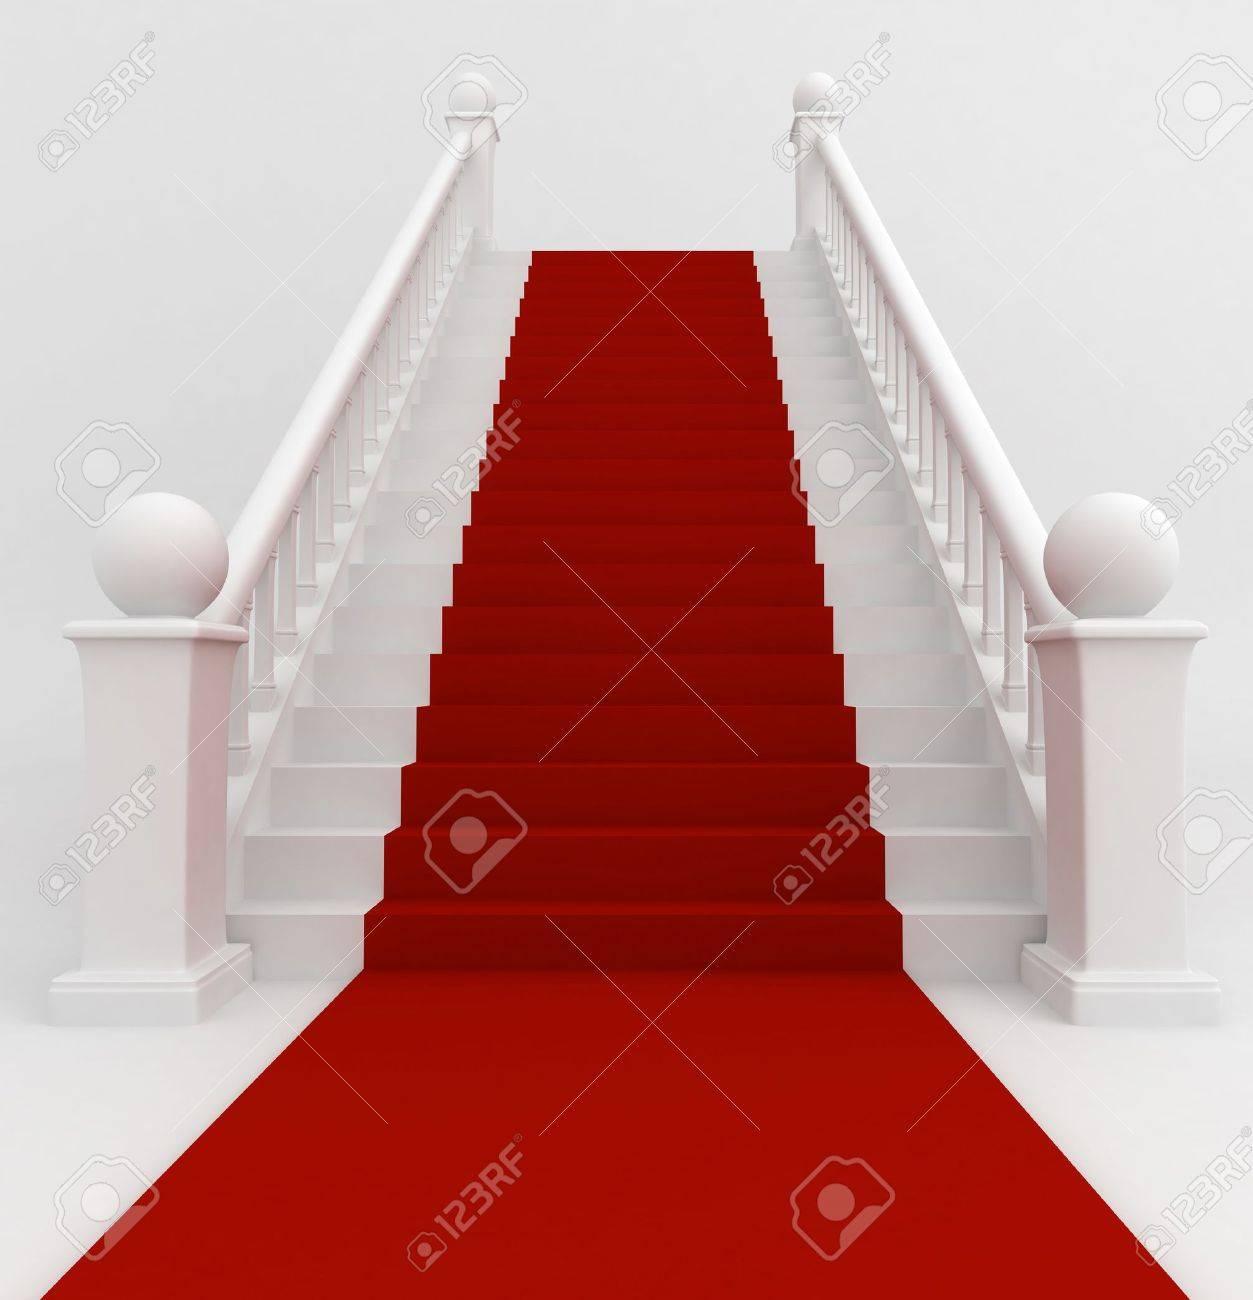 Ilustración 3D De Una Escalera Cubierta Con Alfombra Roja